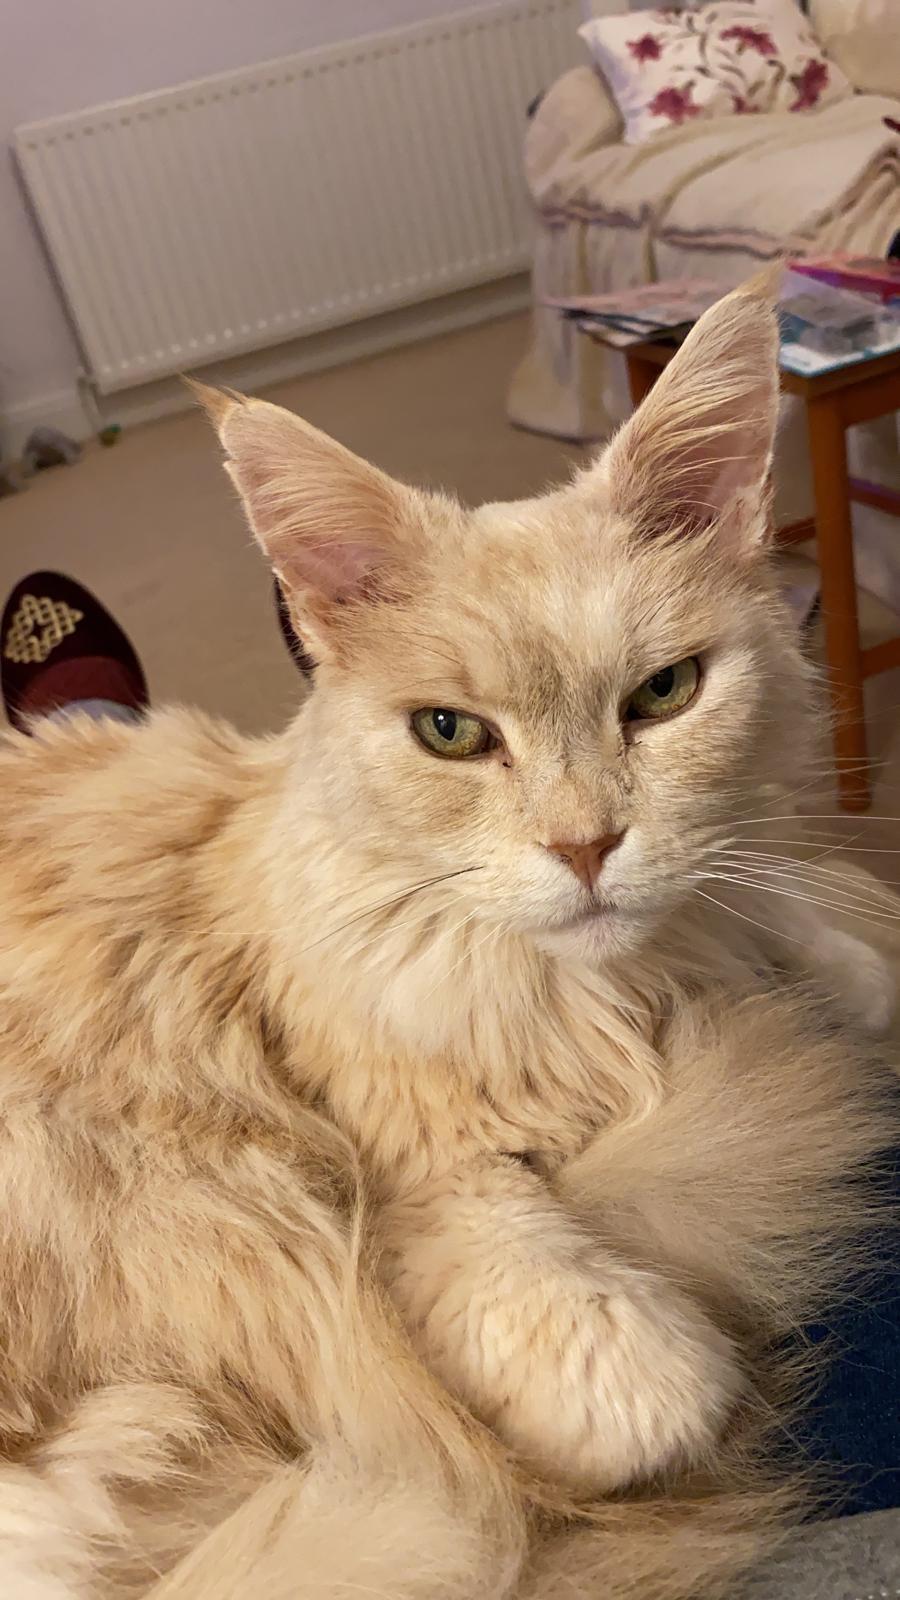 lynx the cat